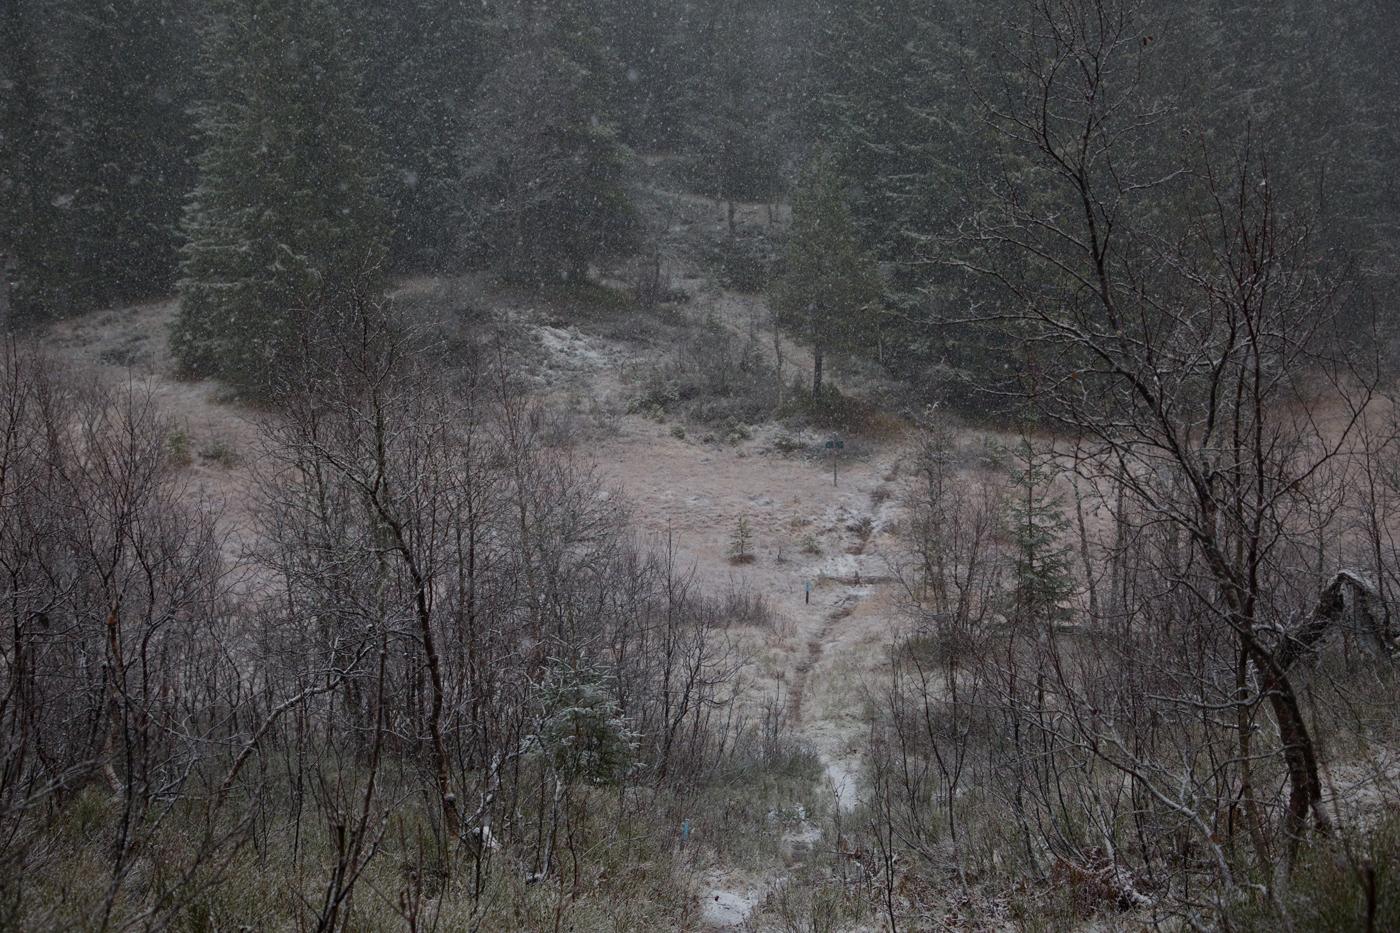 201118o-snø.jpg